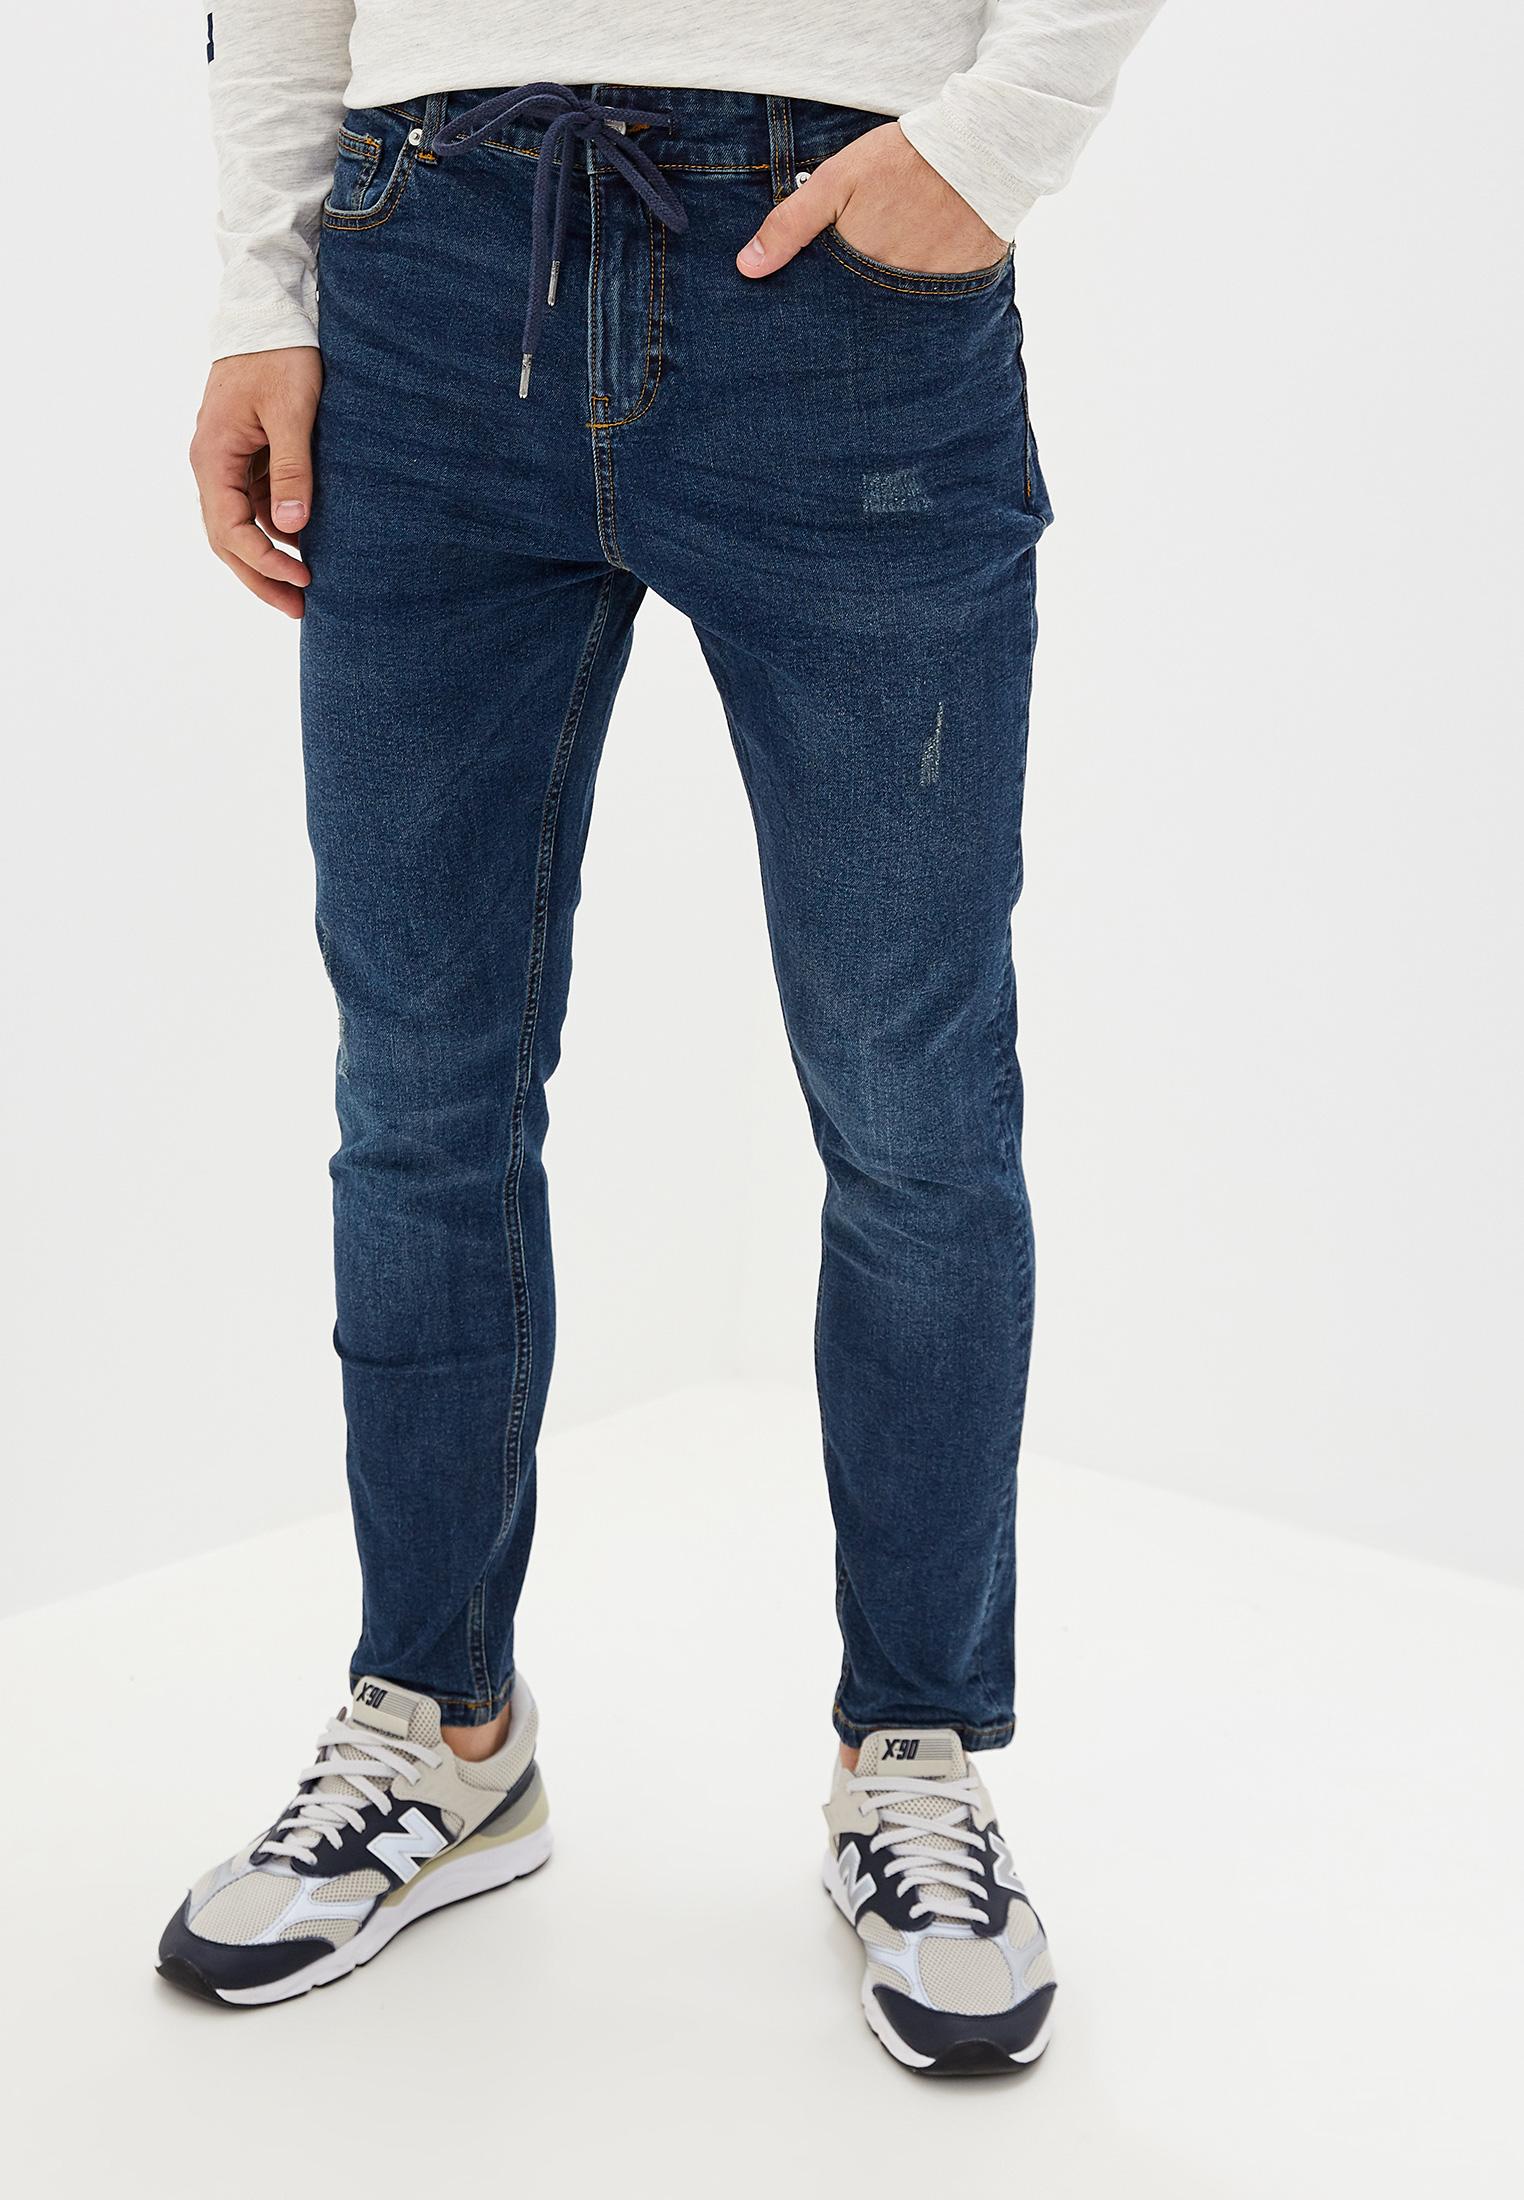 Зауженные джинсы O'stin MP2V52